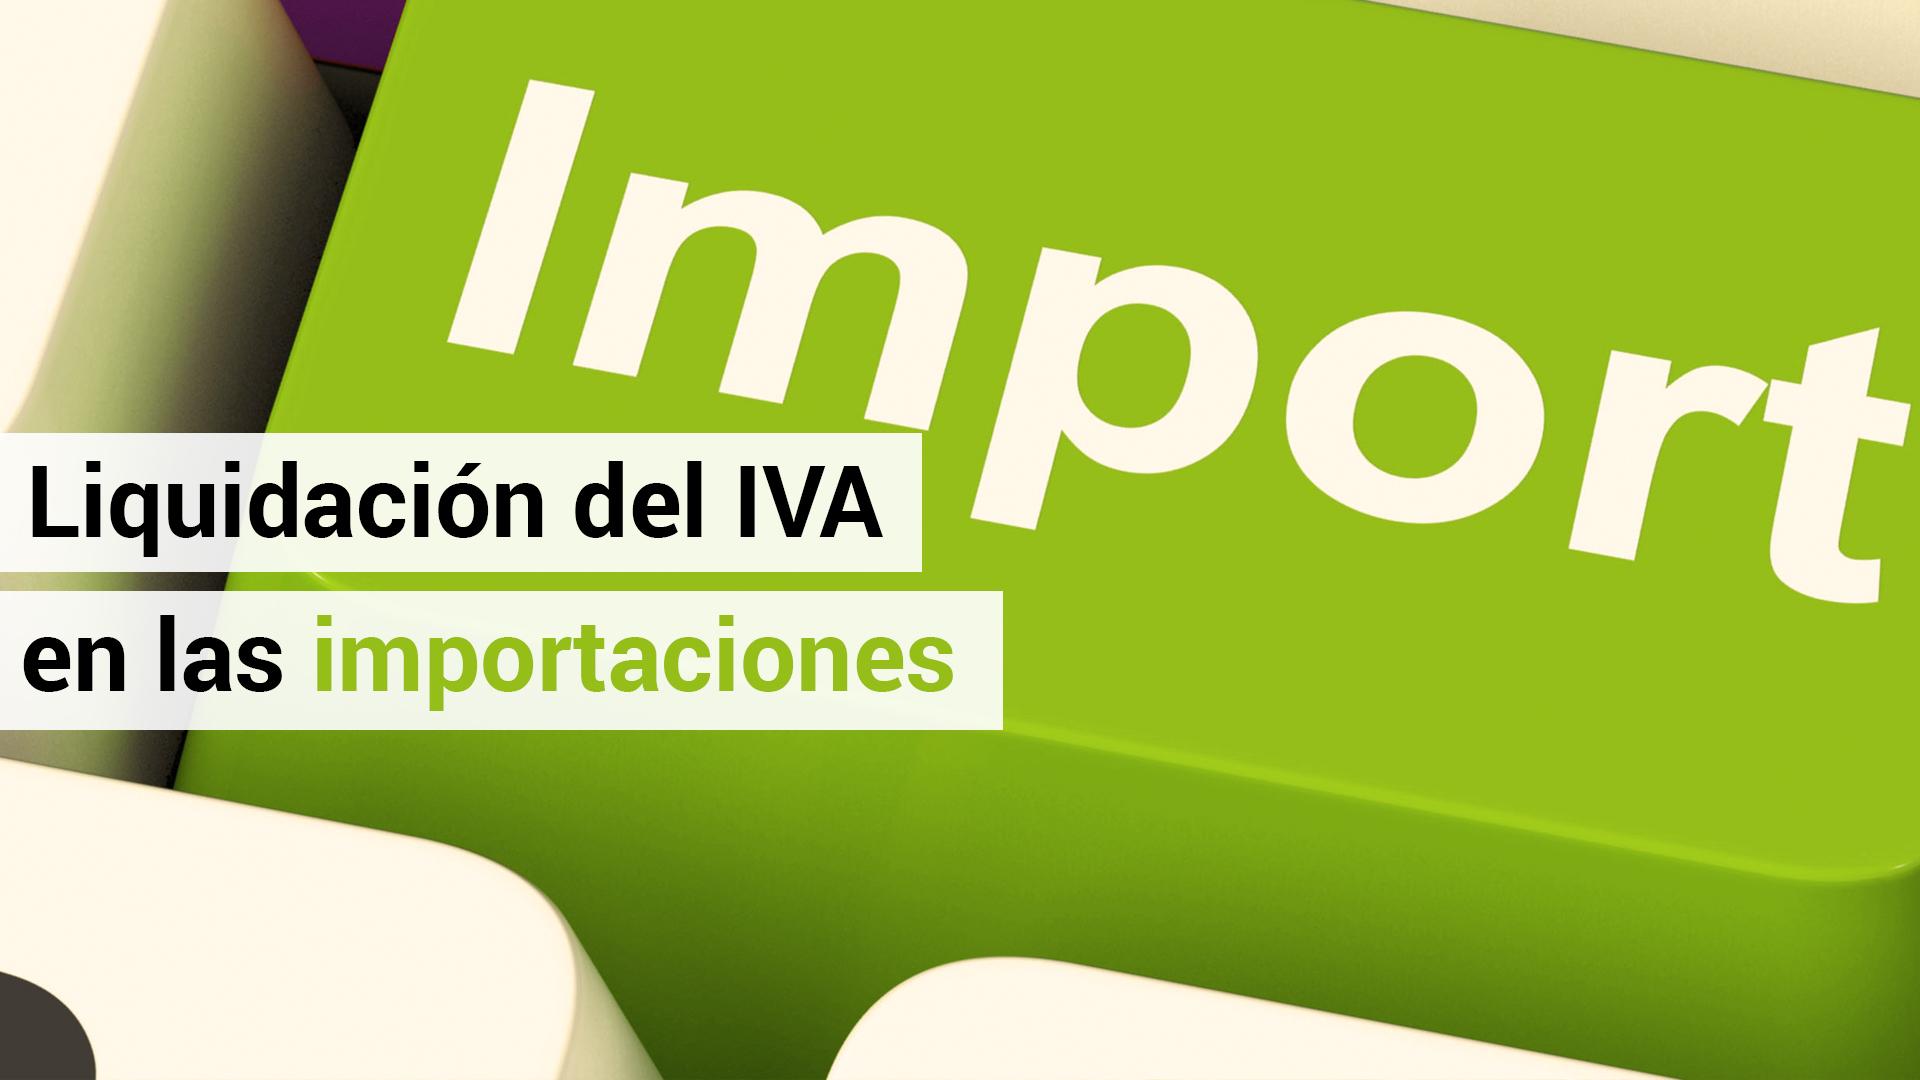 Aclaraciones sobre la nueva forma de liquidar el IVA de las importaciones